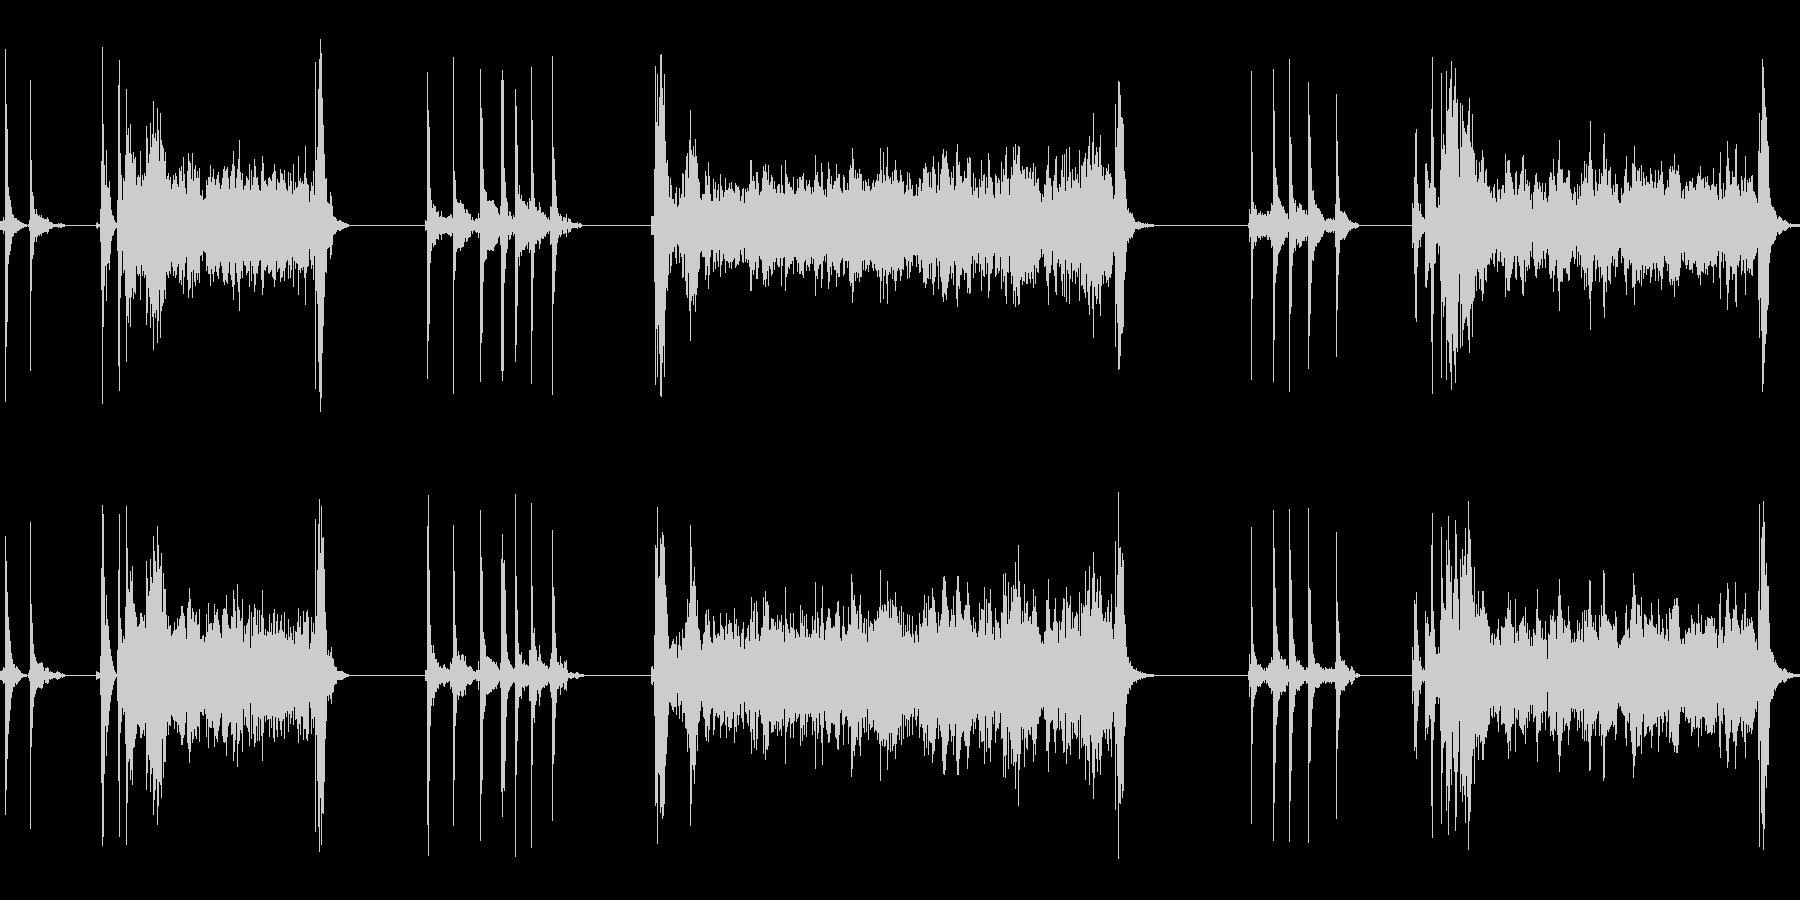 黒電話のダイヤルを回す(3度回す)の未再生の波形